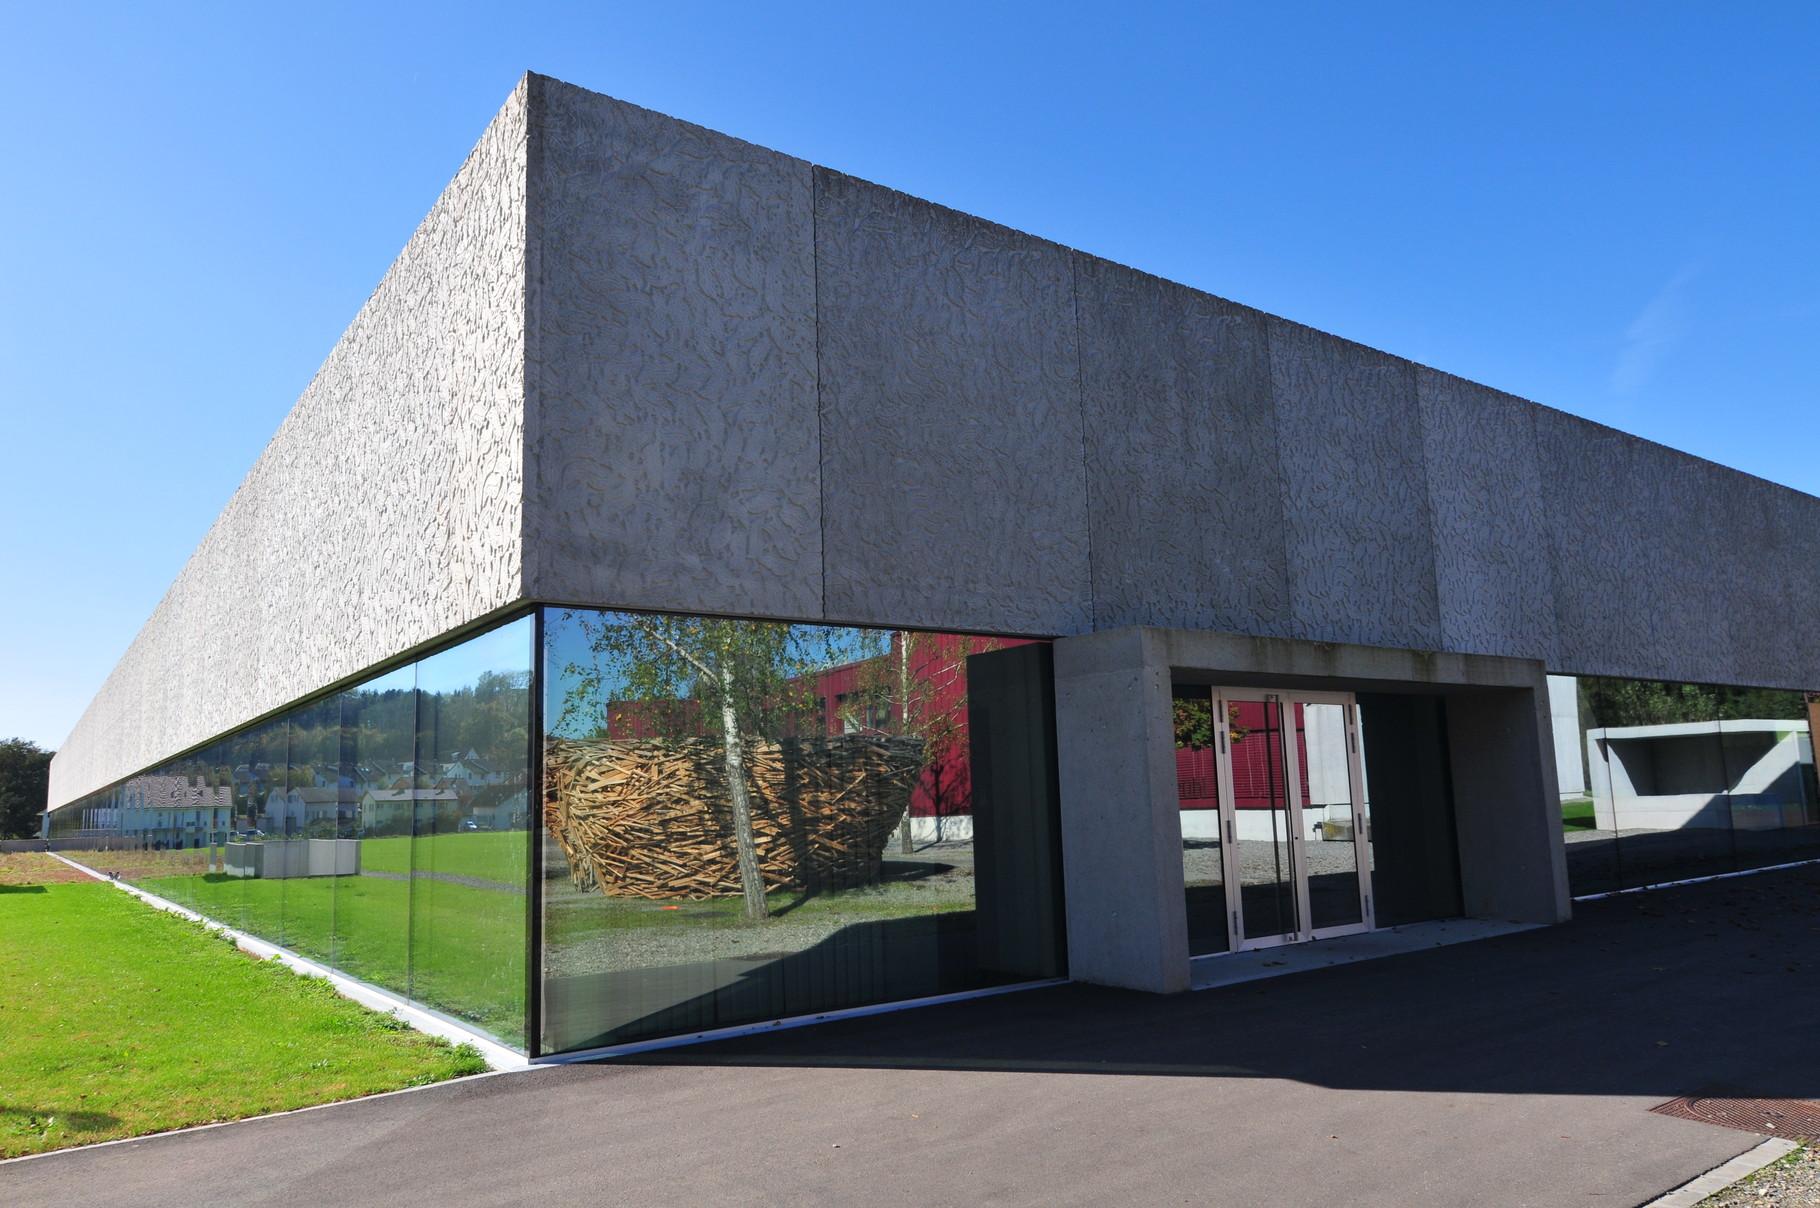 Mehrzweckhalle Gebensdorf